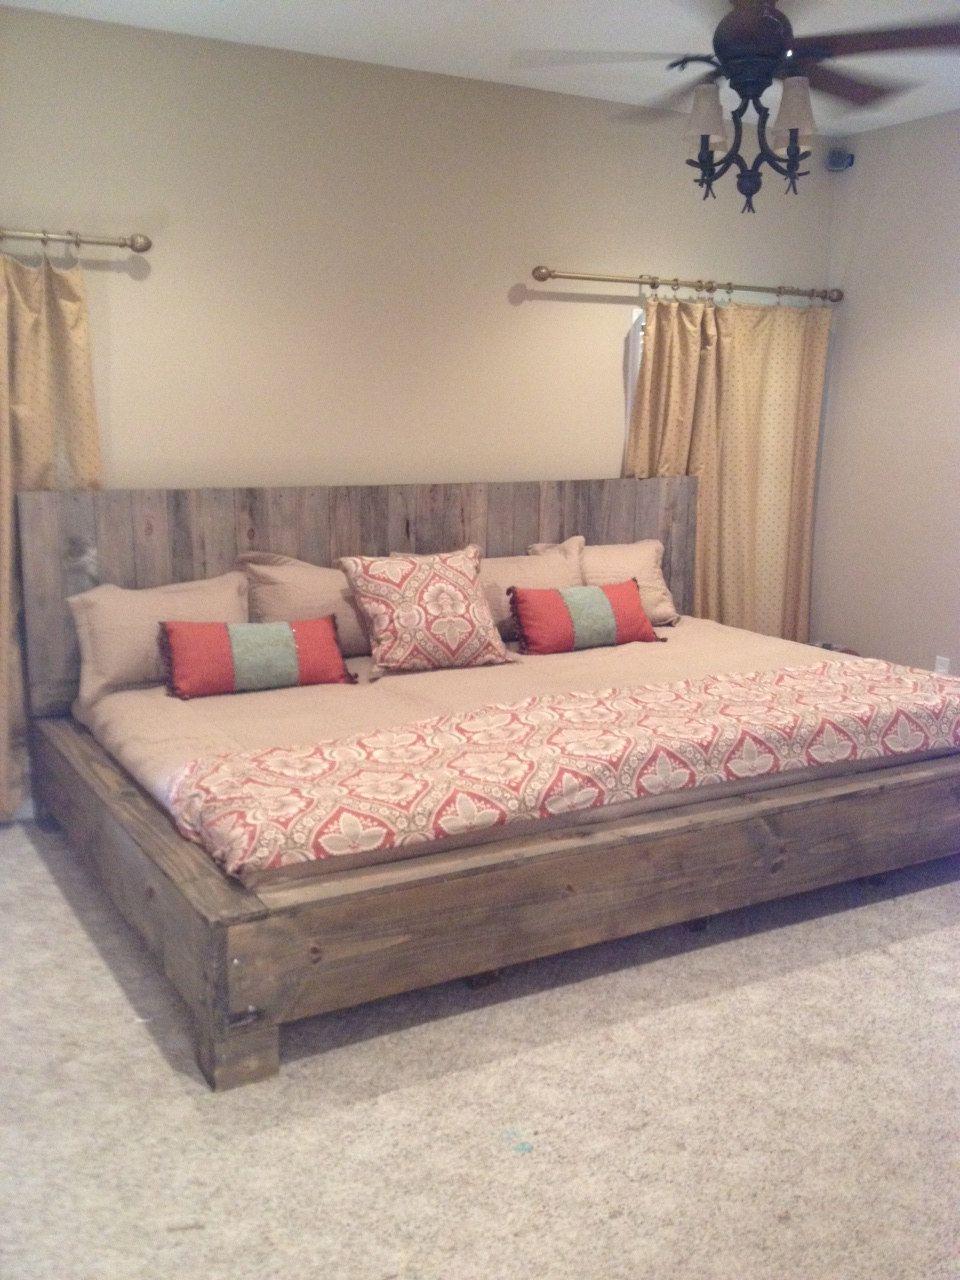 endlich passen auch die kinder sonntagsmorgens ohne gequetsche ins bett future cali king size. Black Bedroom Furniture Sets. Home Design Ideas